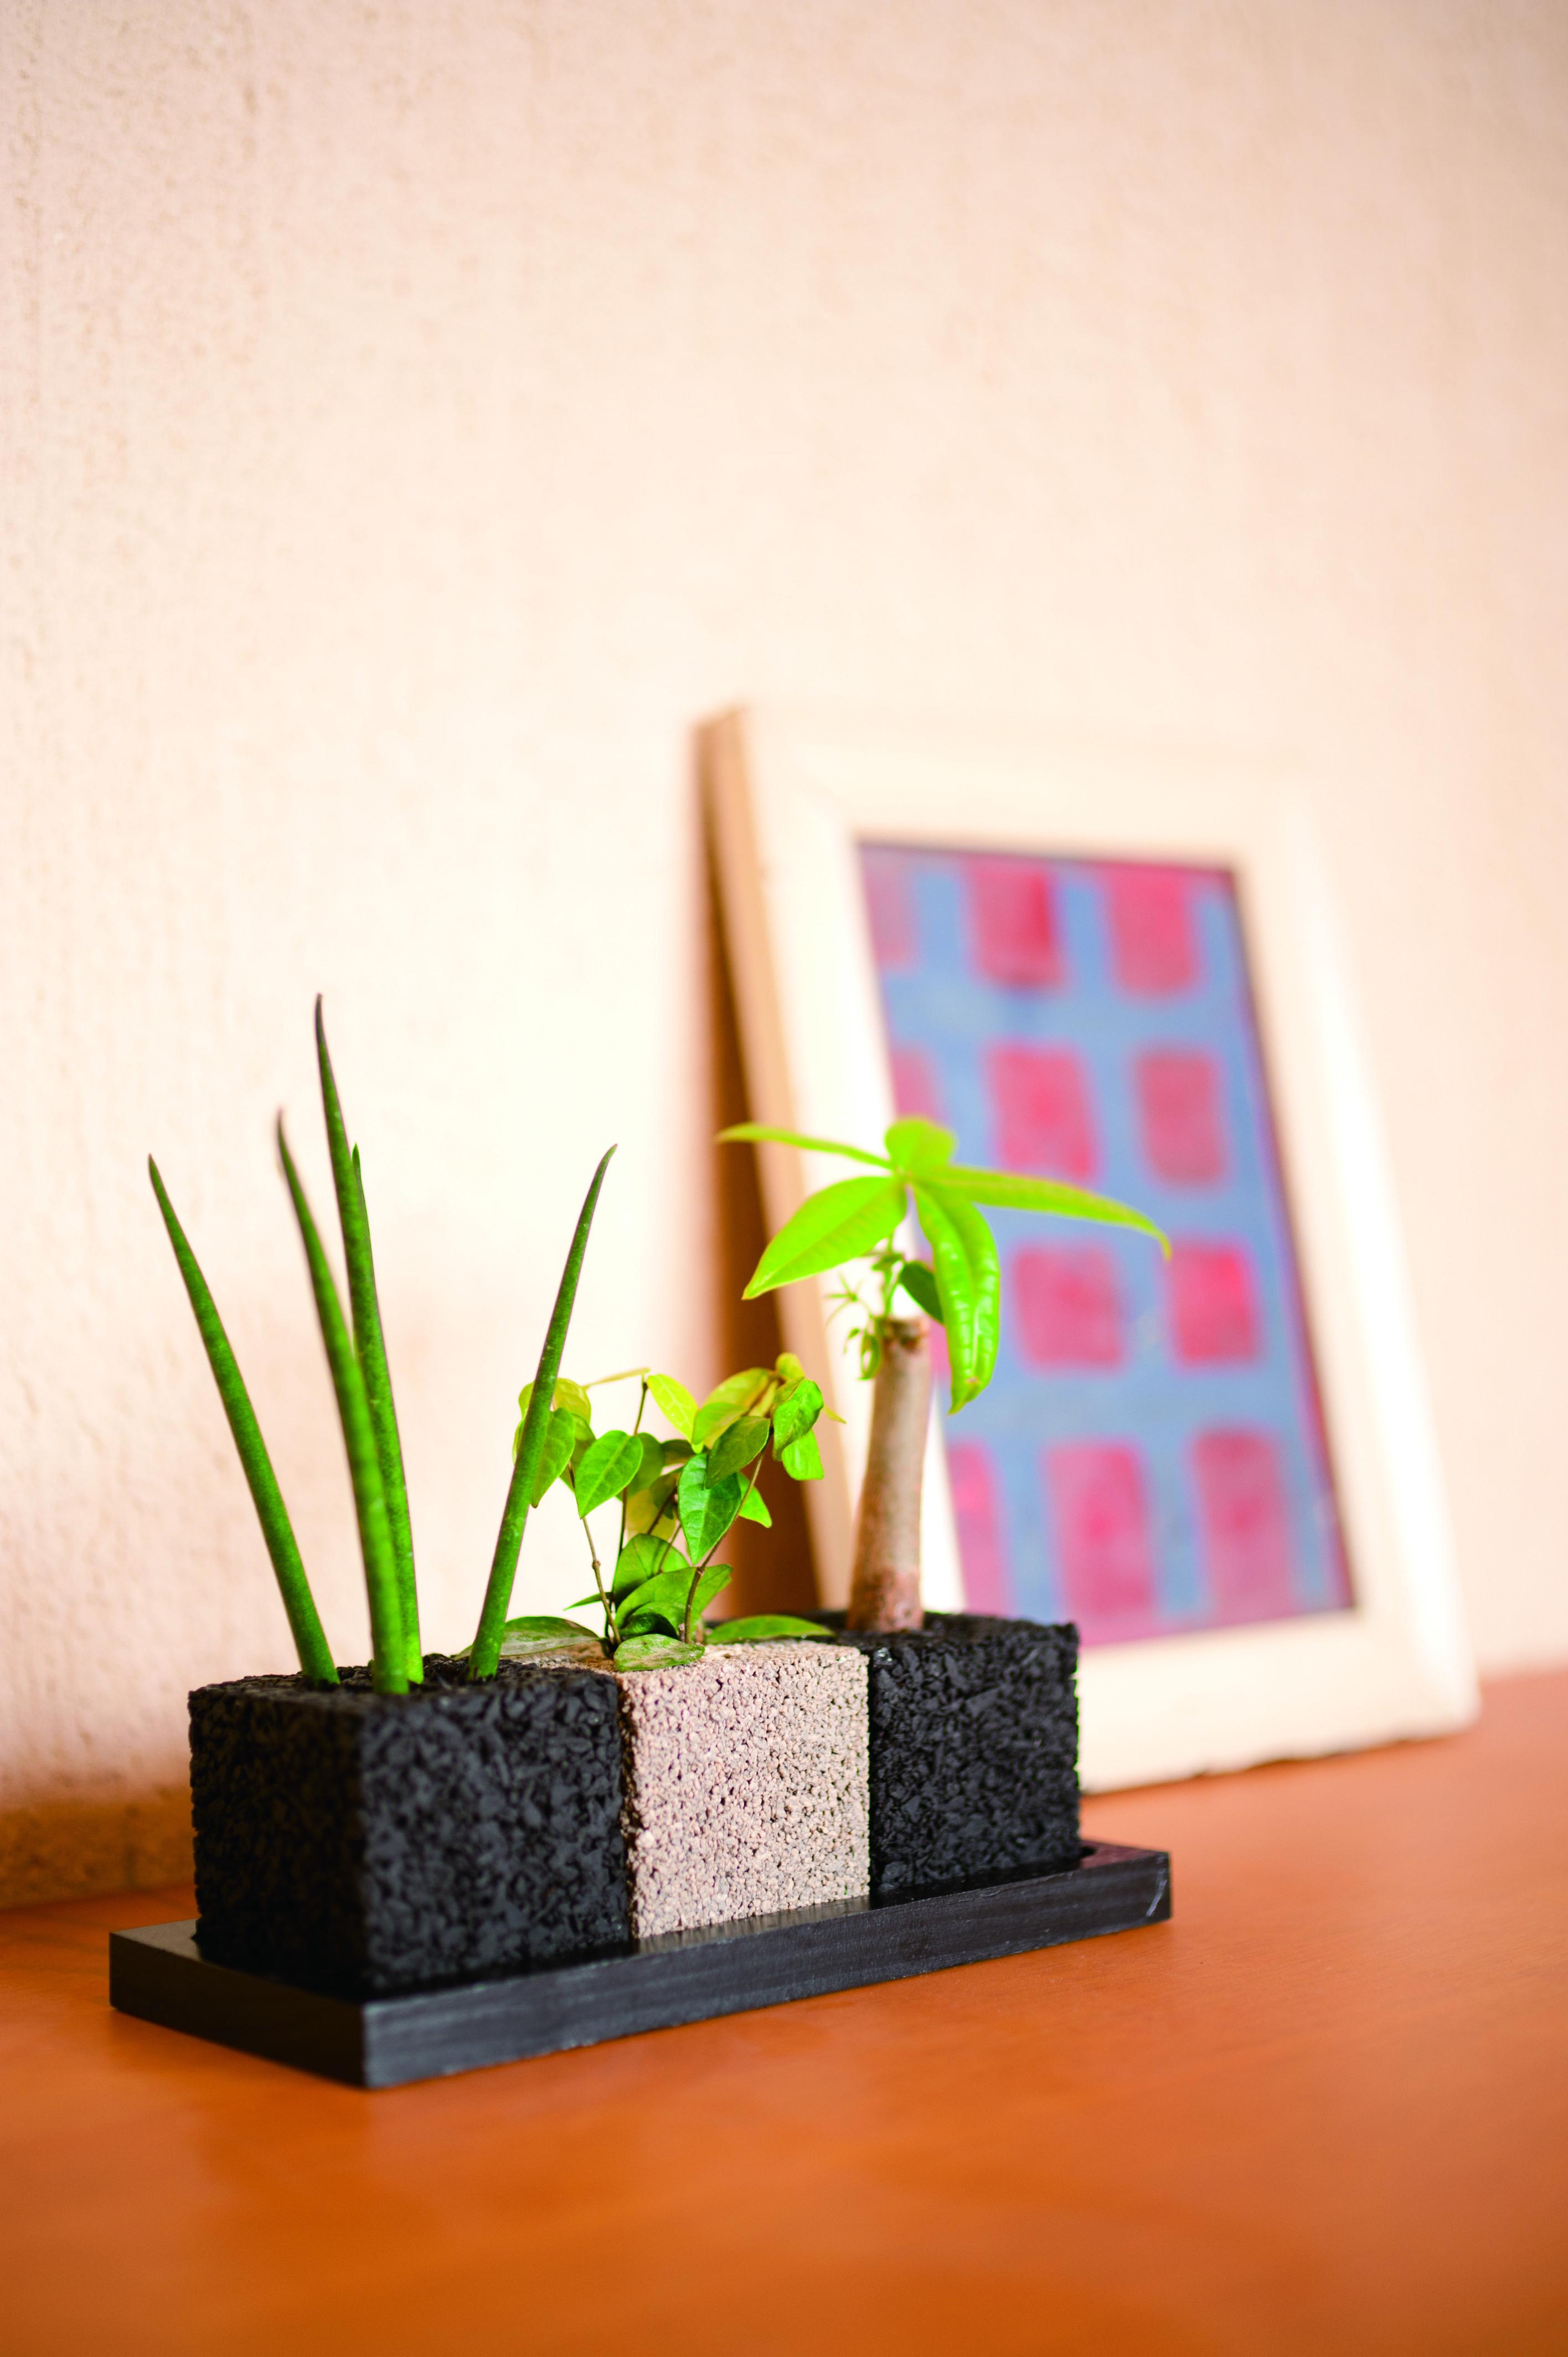 消臭機能をプラスした観葉植物「eco-pochi」。発想がイイね!